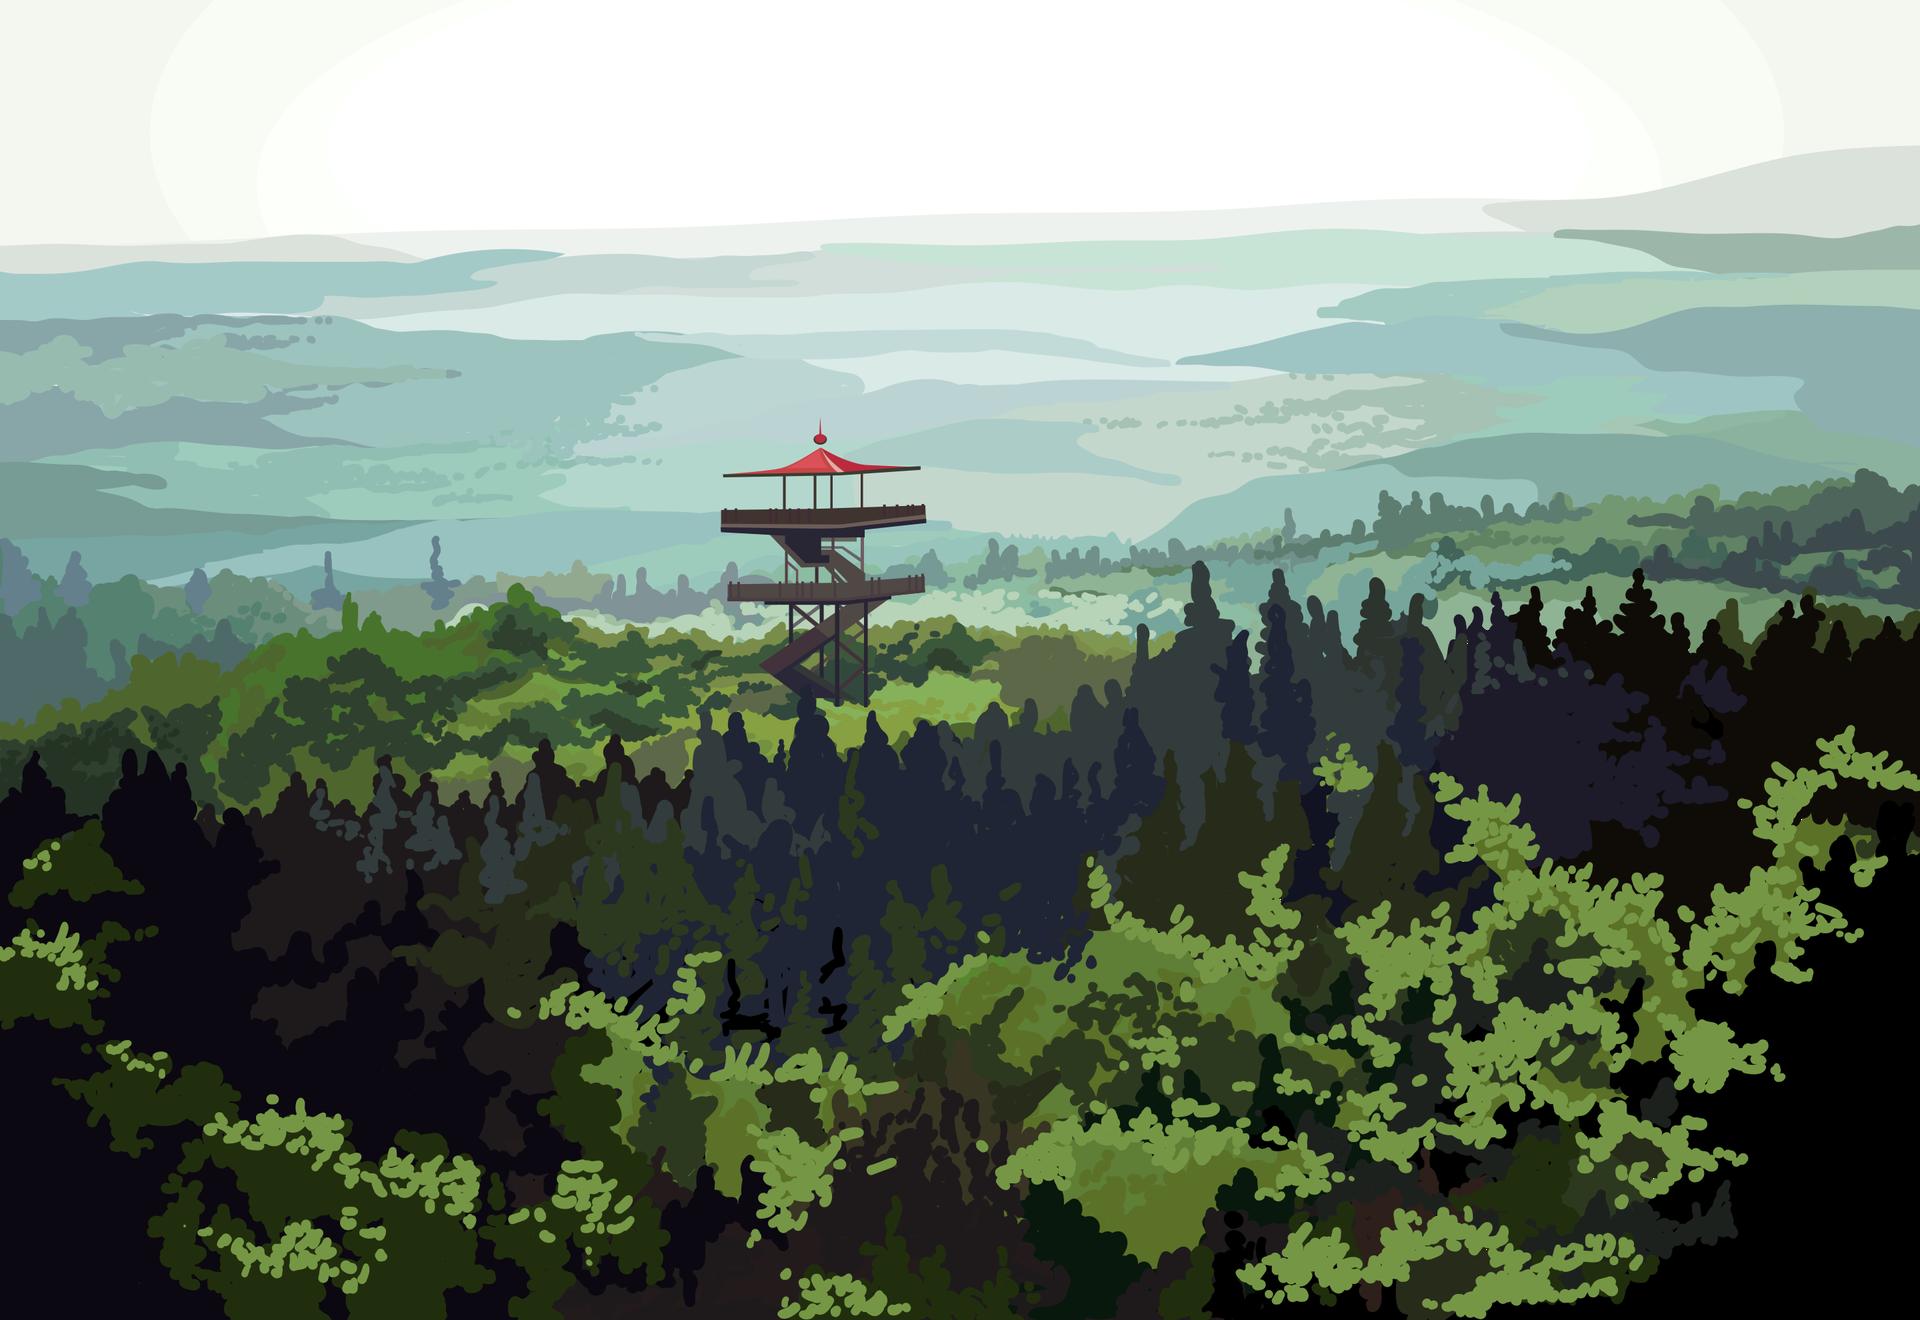 Realistyczna grafika przedstawiająca Wieżycę, na szczycie której znajduje się wieża widokowa umożliwiająca podziwianie krajobrazów.